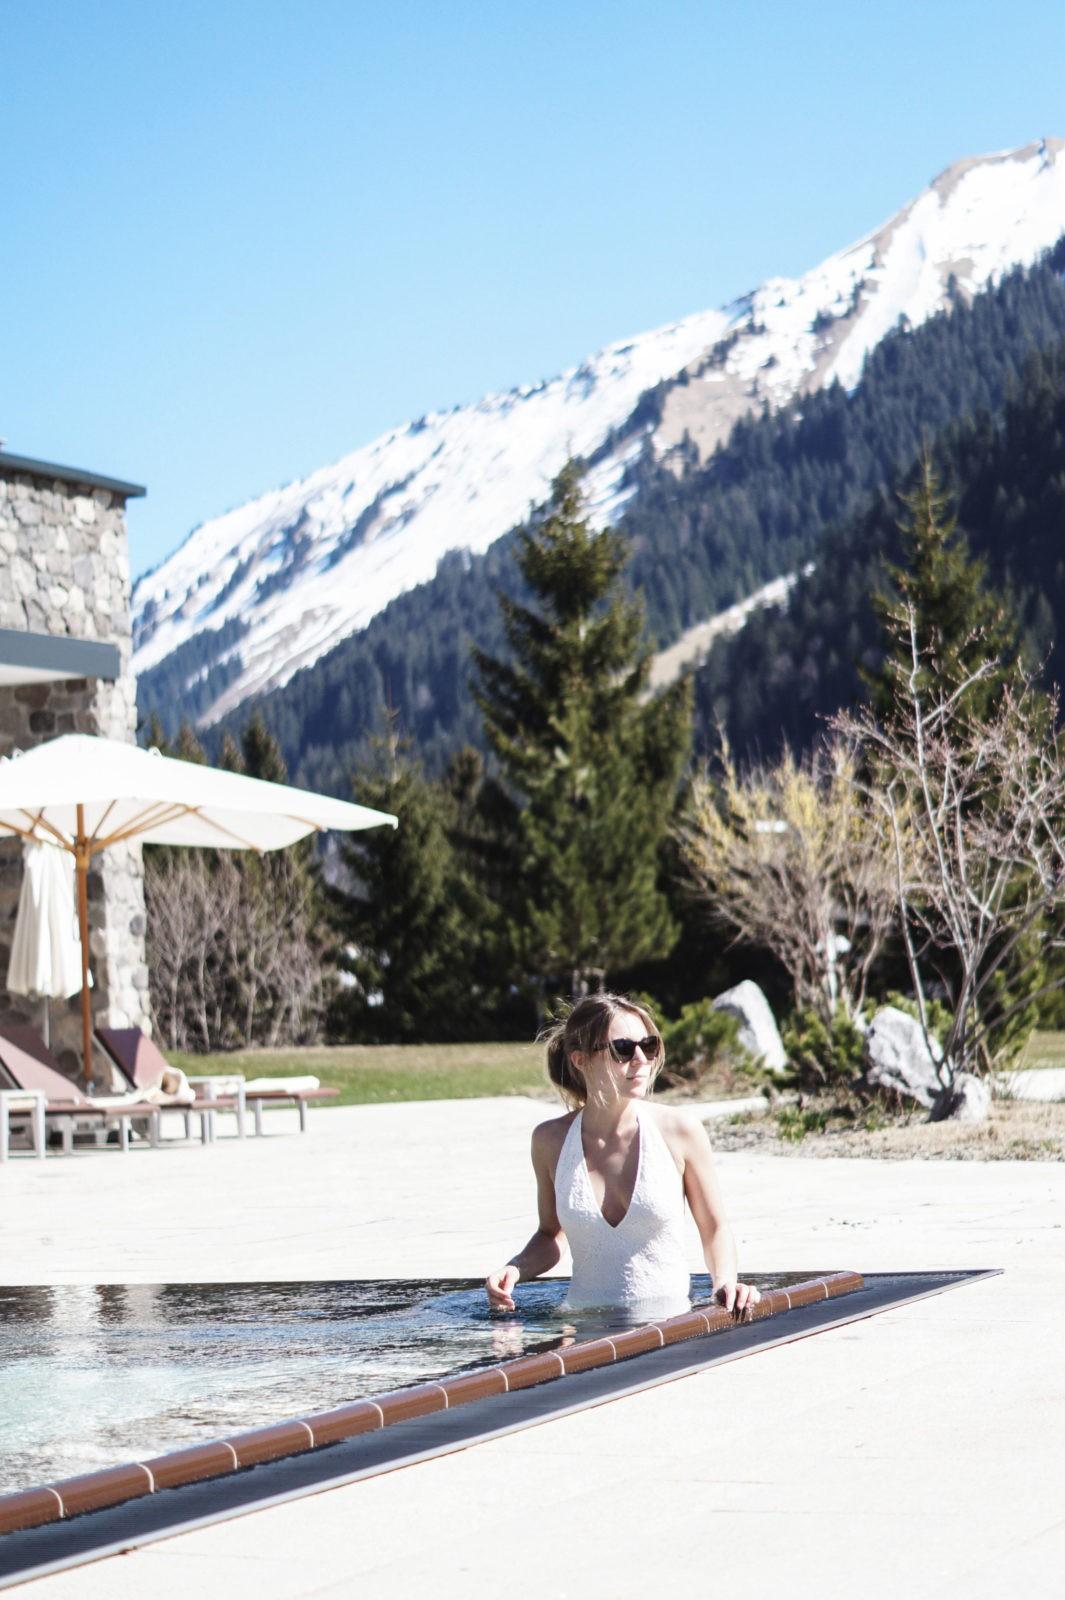 Hotel Review Travel Charme Ifen Hotel Kleinwalsertal Austria Österreich Hotelbewertung Puria Premium SPa Whirlpool Außenpool